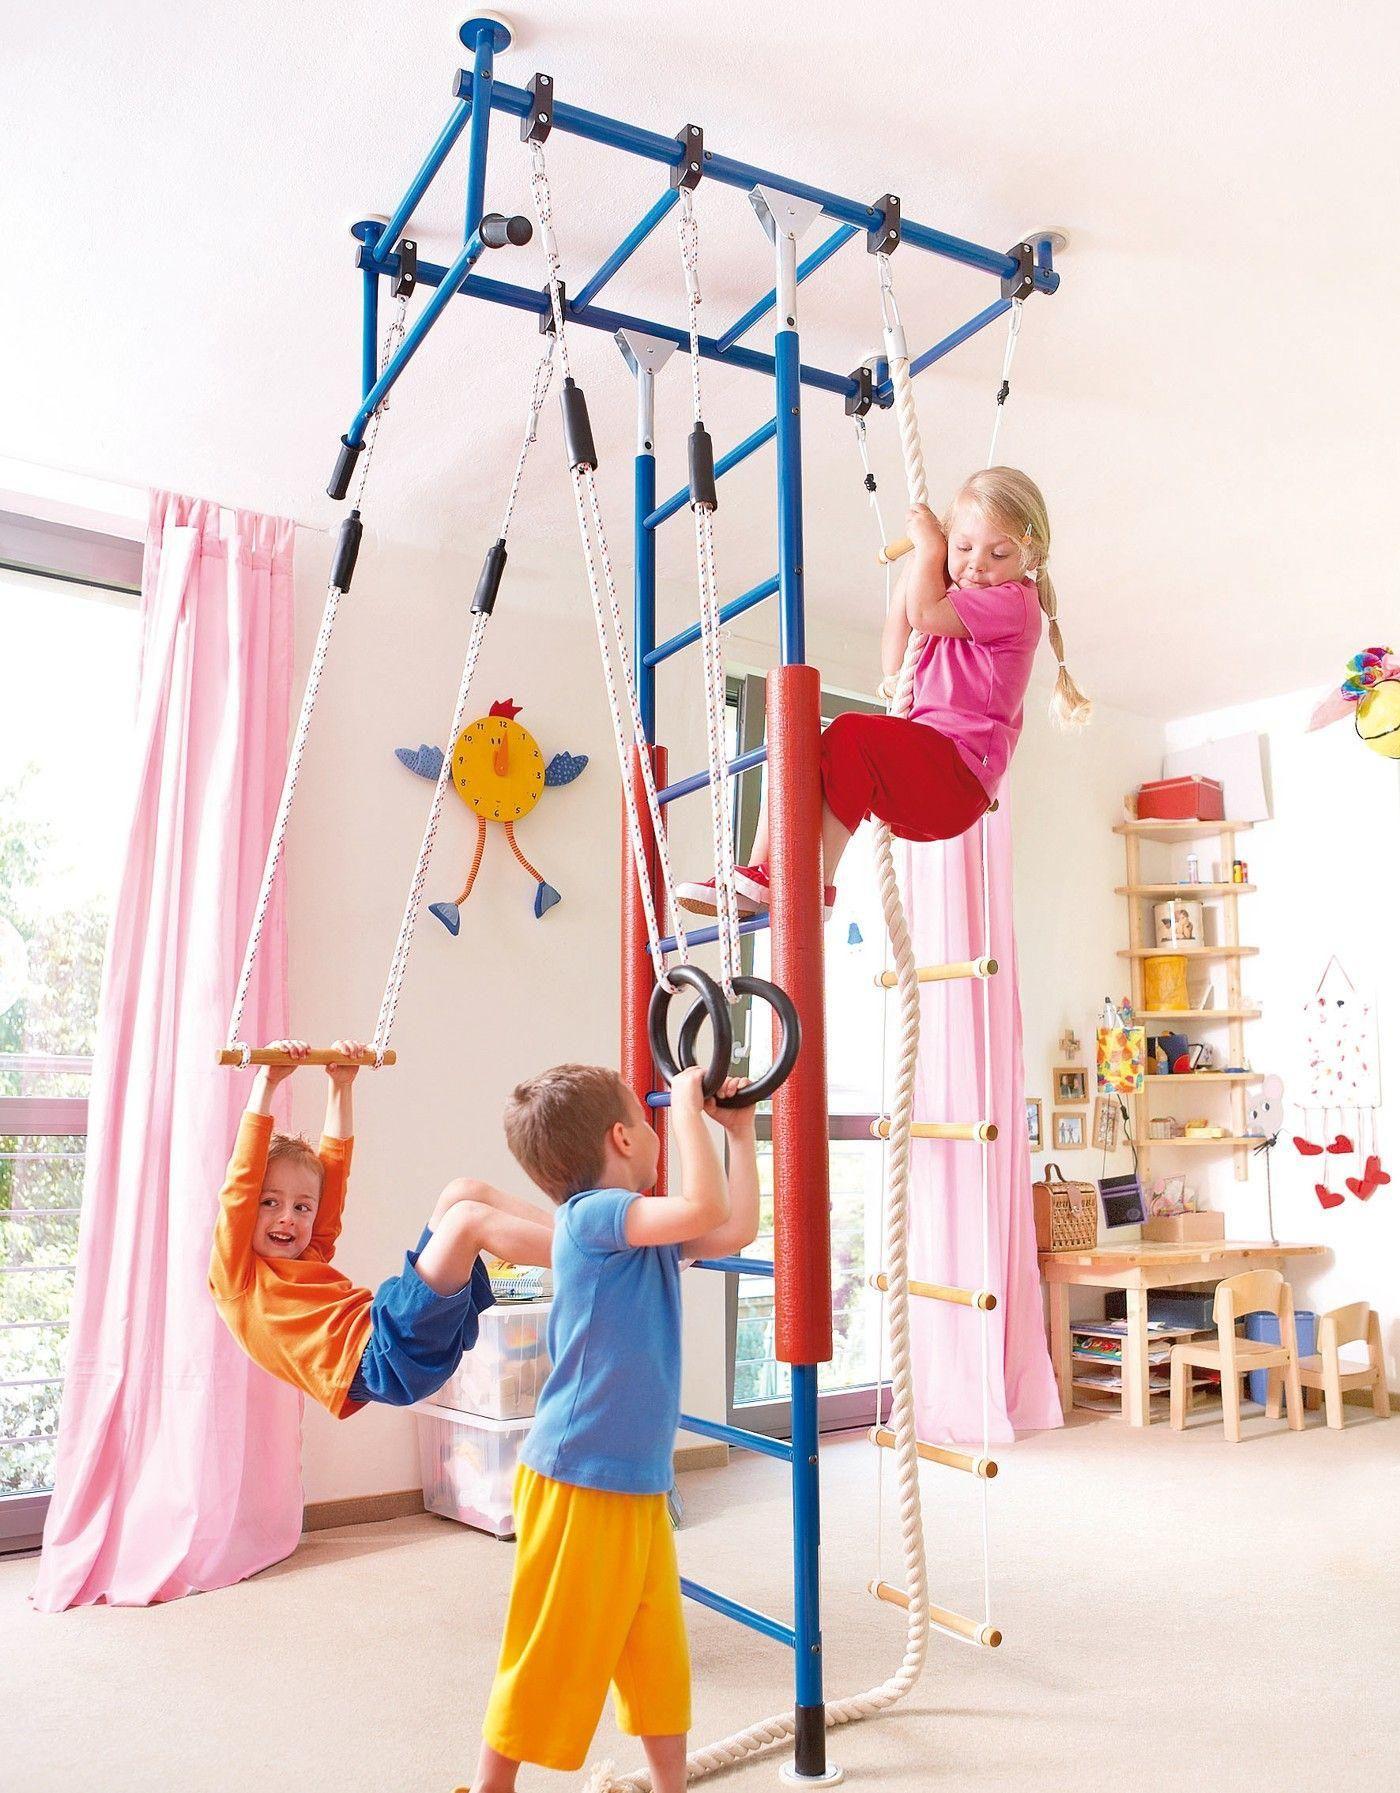 Kletterwand Kinderzimmer Laatzen Studenten Der Universitat Hannover Stellen Ideen In 2020 Kinderzimmer Im Keller Kletterwand Kinderzimmer Kinder Zimmer